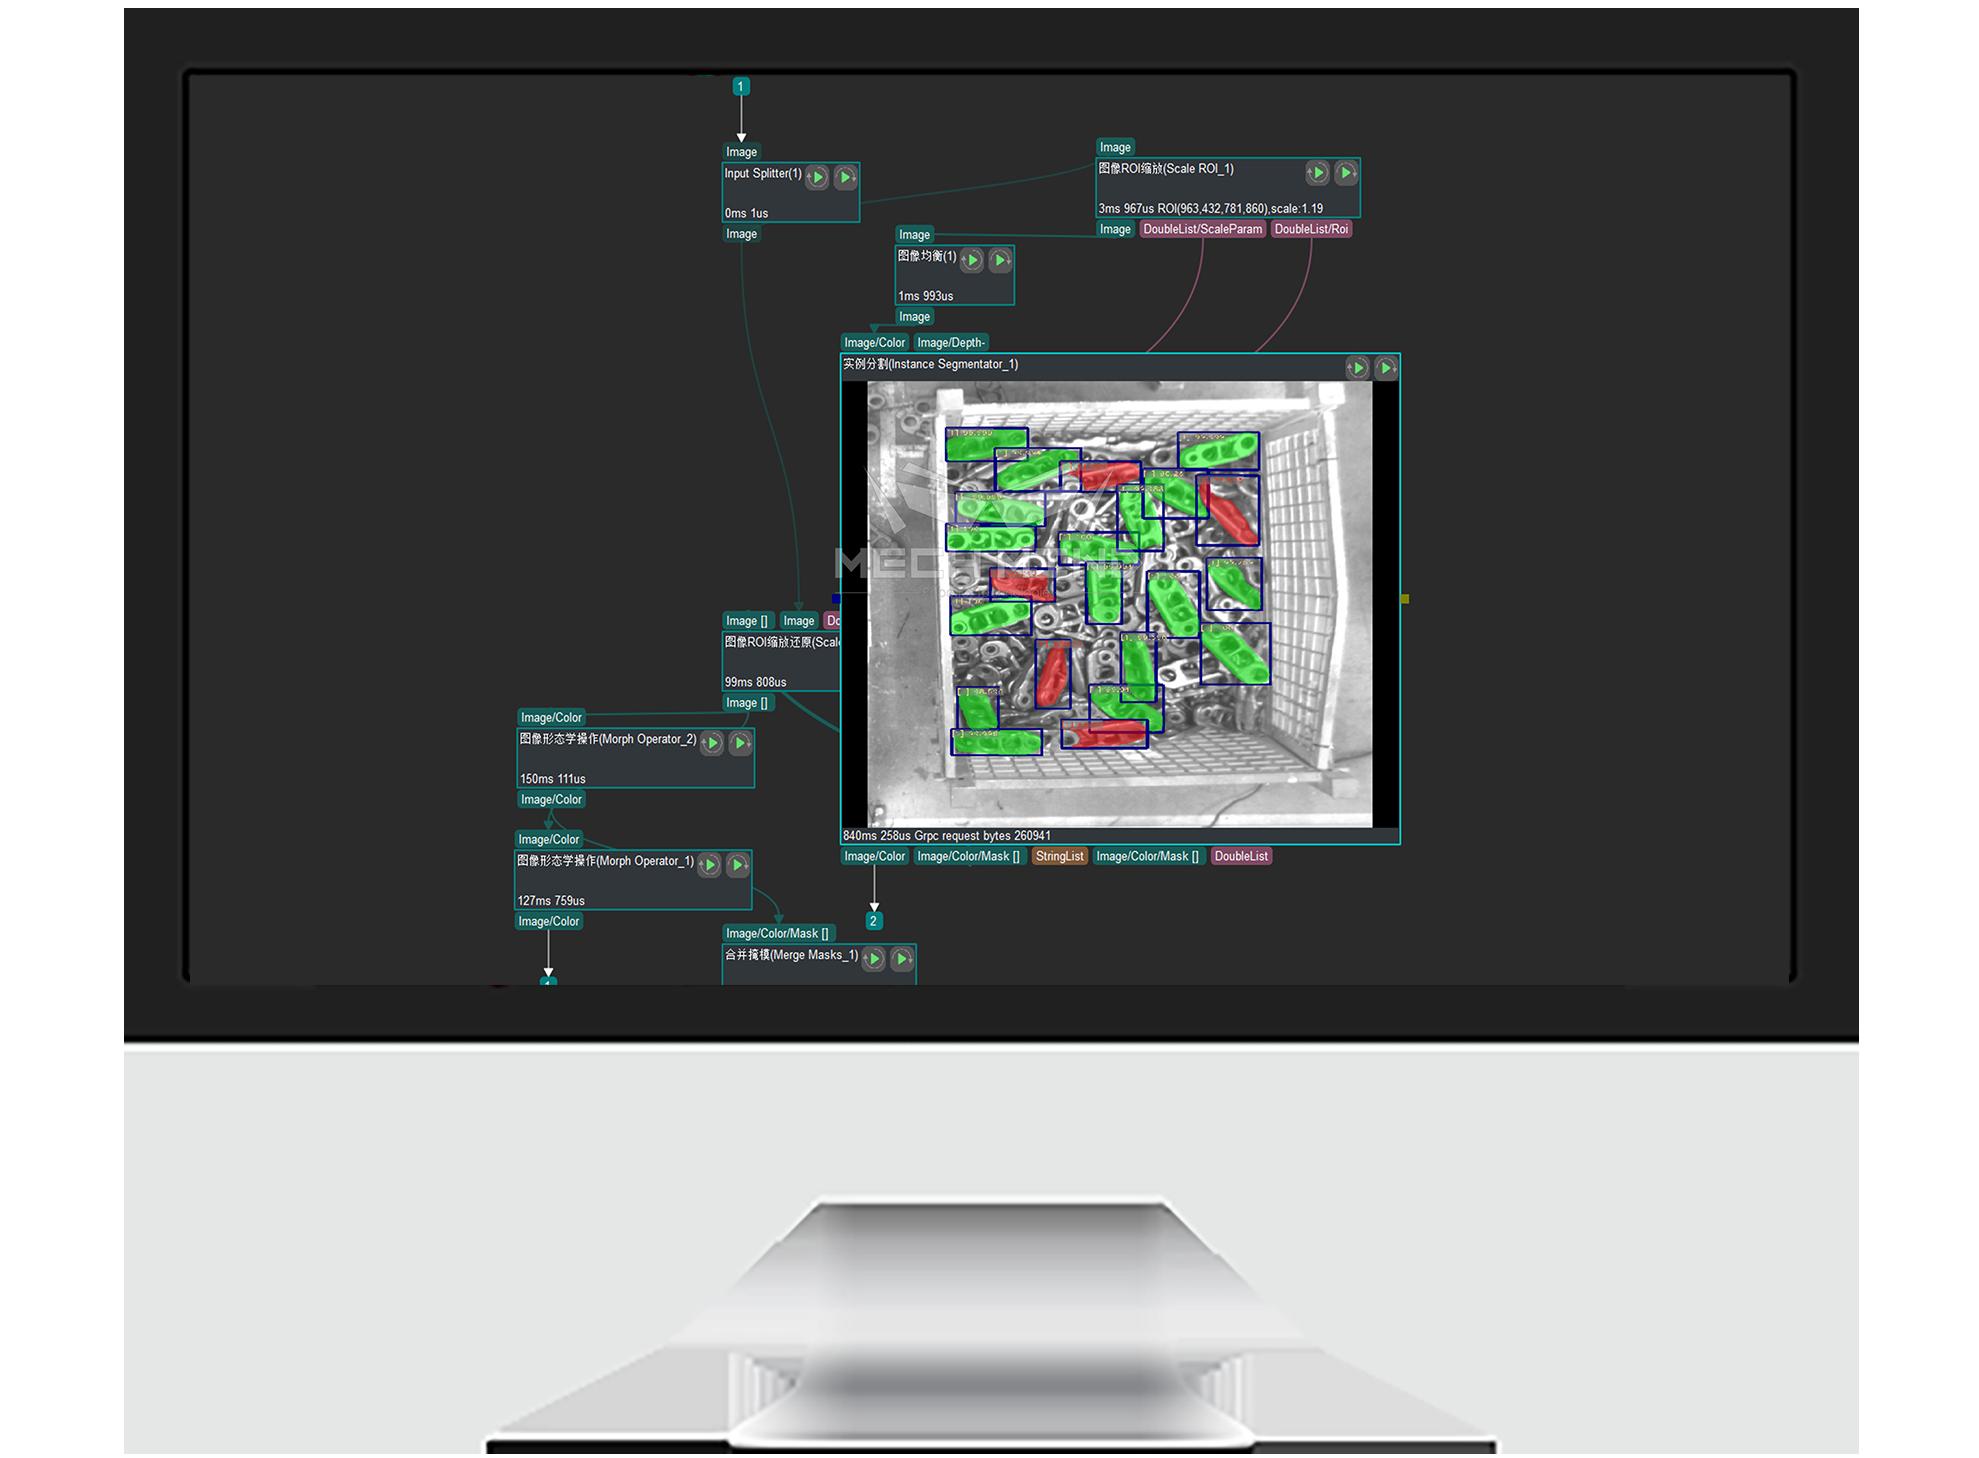 Mech-Visionパターン化アルゴリズムソフトウェア